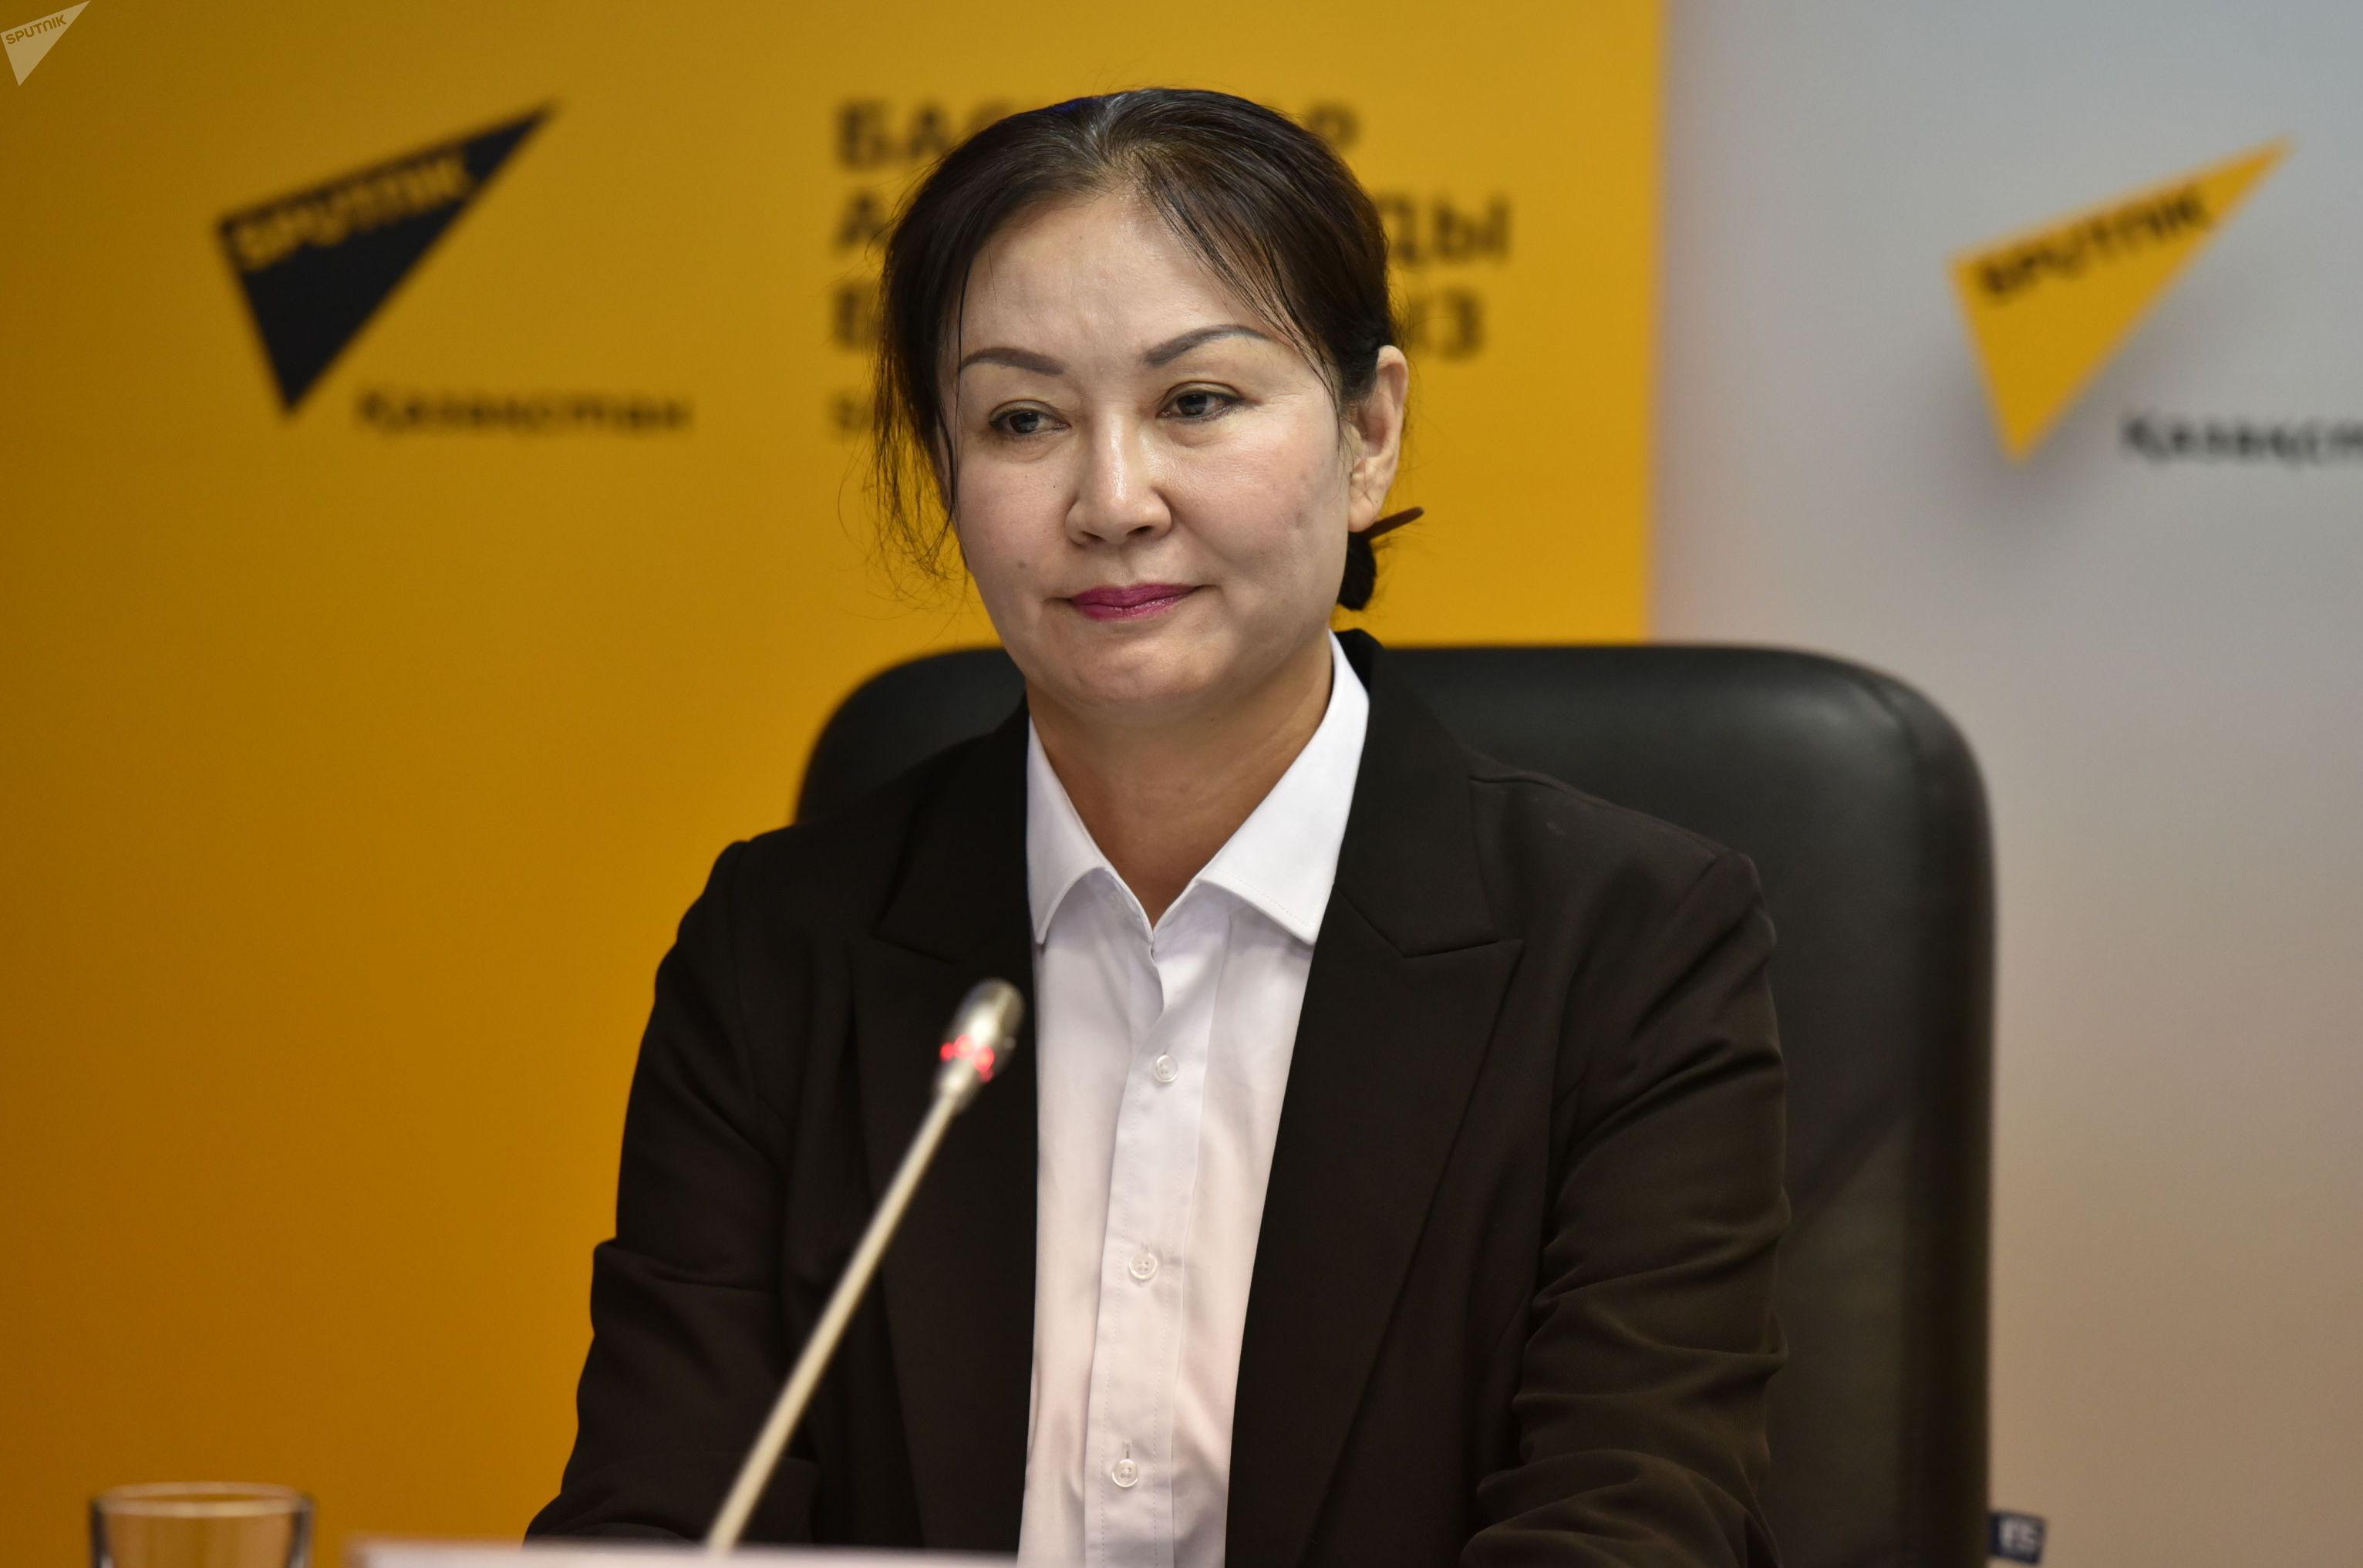 Руководитель представительства Министерства культуры и туризма КНР в Нур-Султане Ван Шулинь